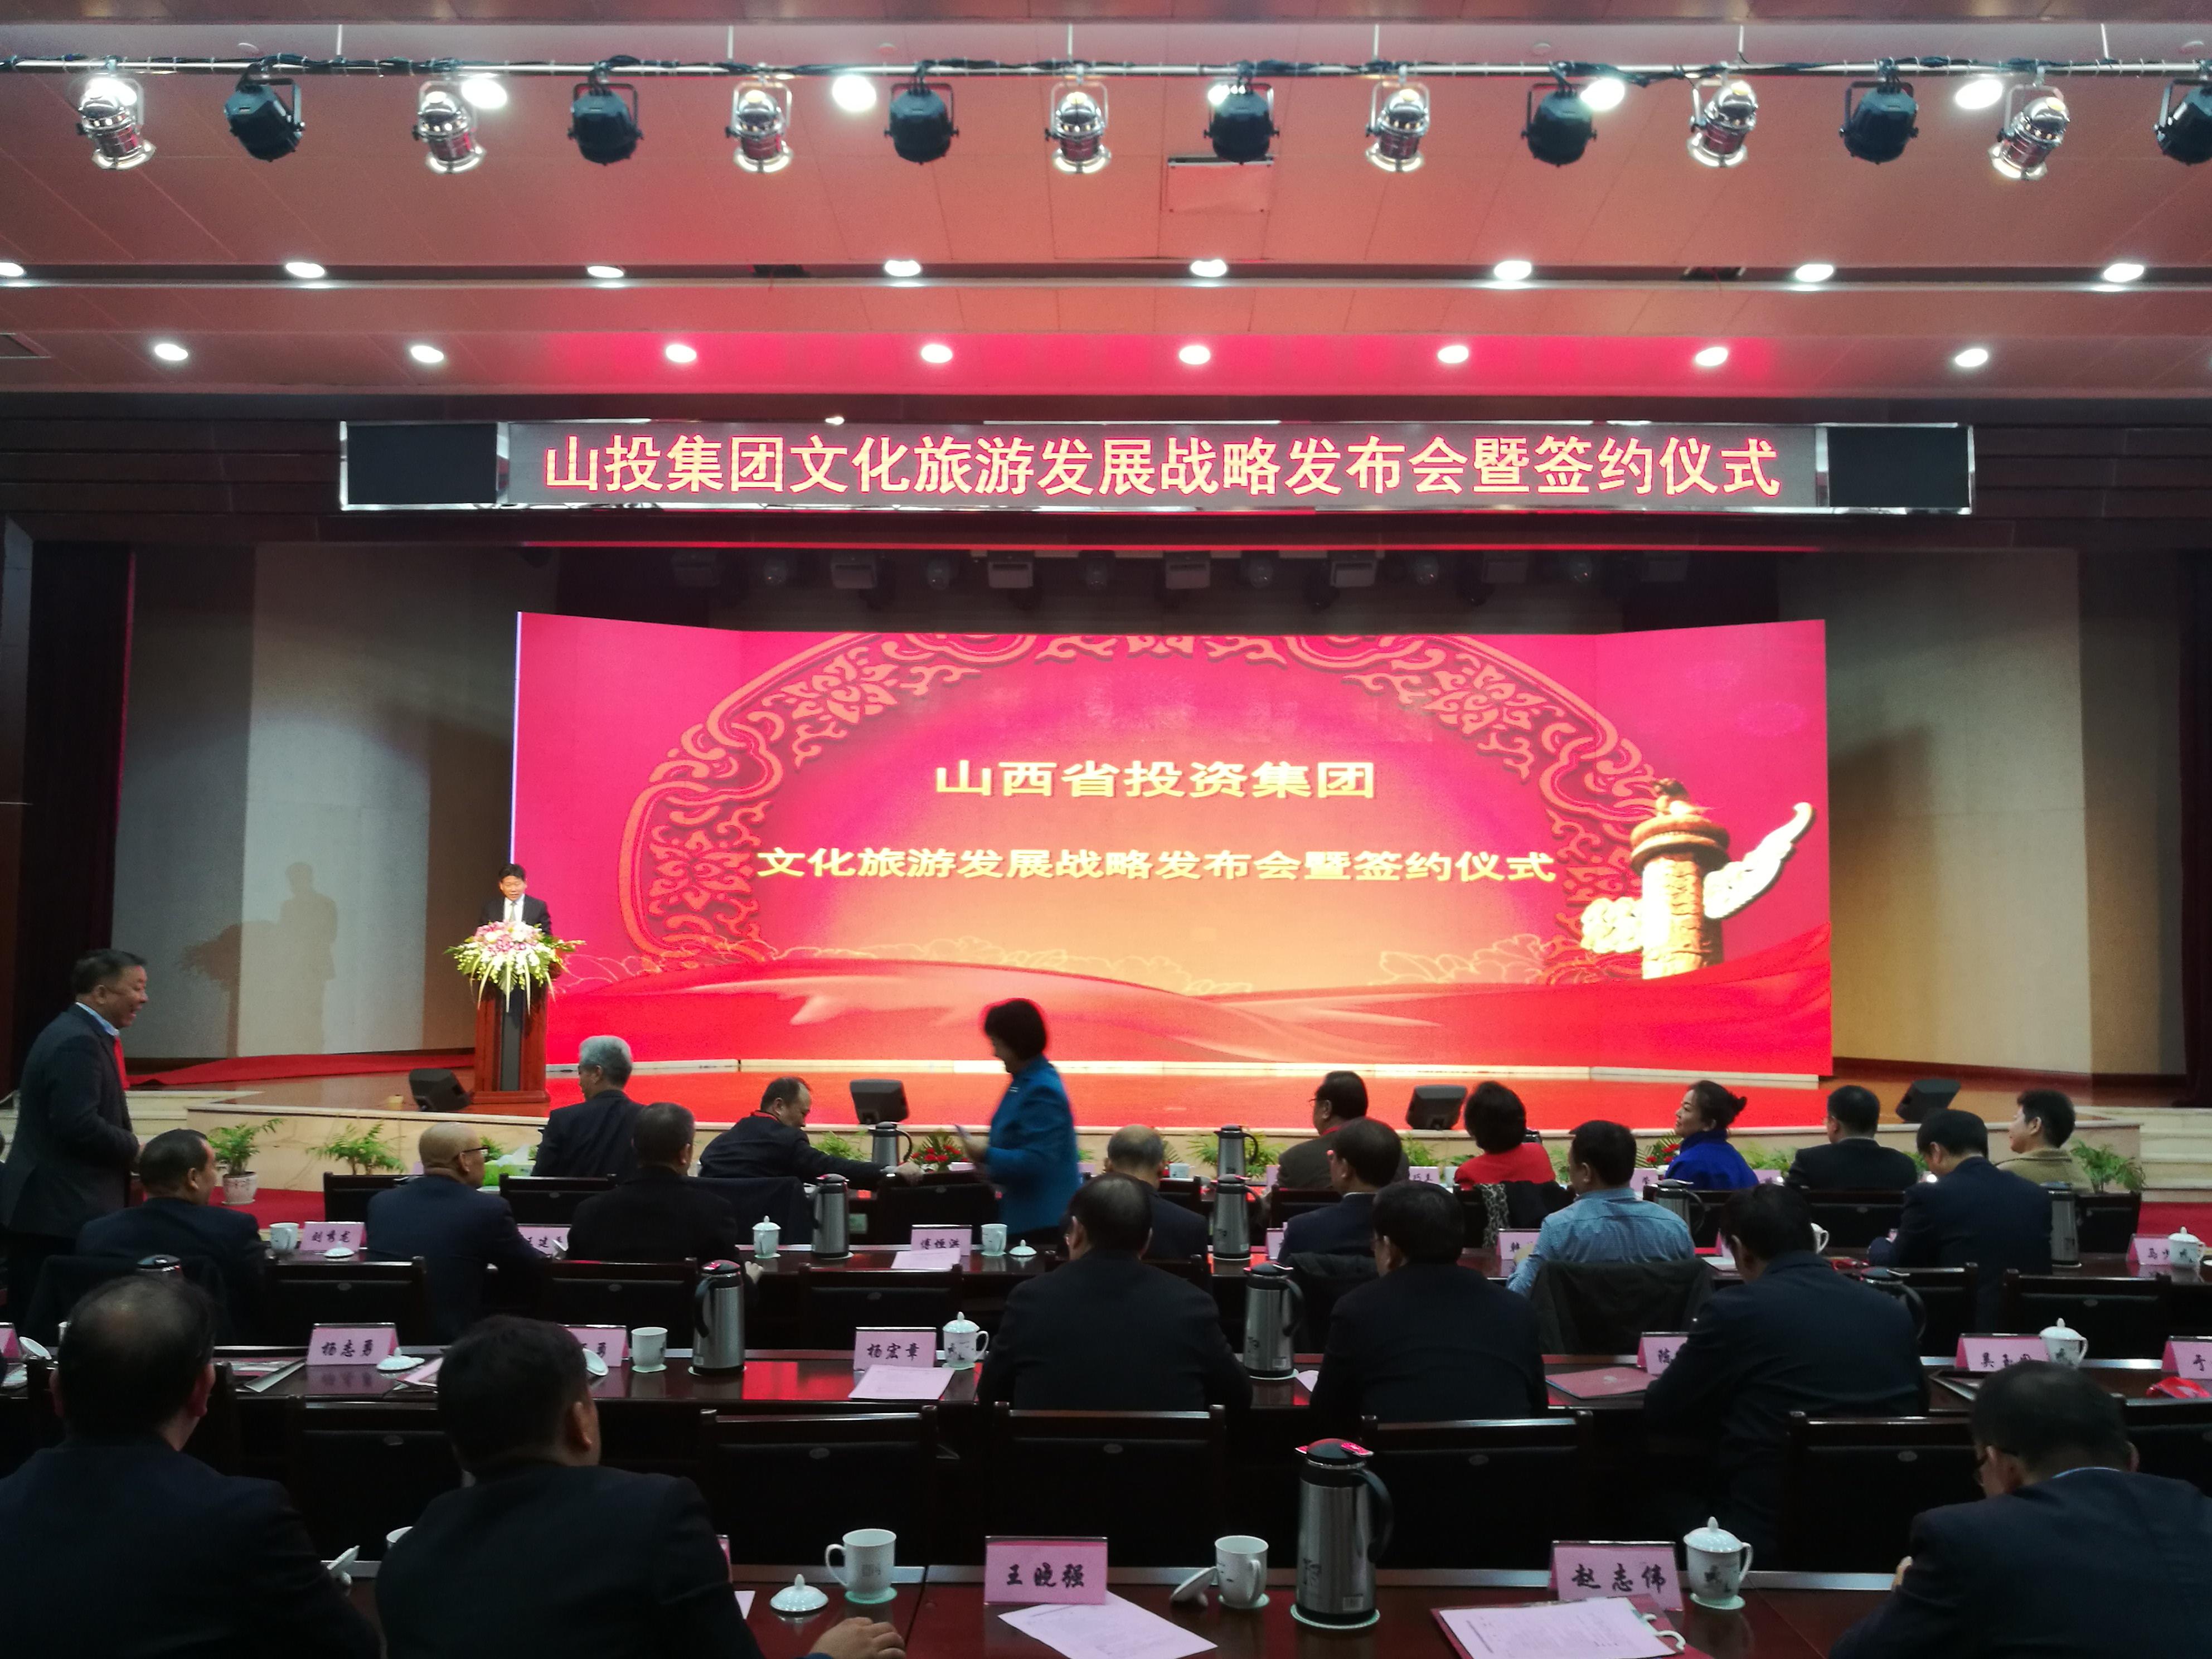 山投集团发布文化旅游发展战略,与中华文化促进会签约